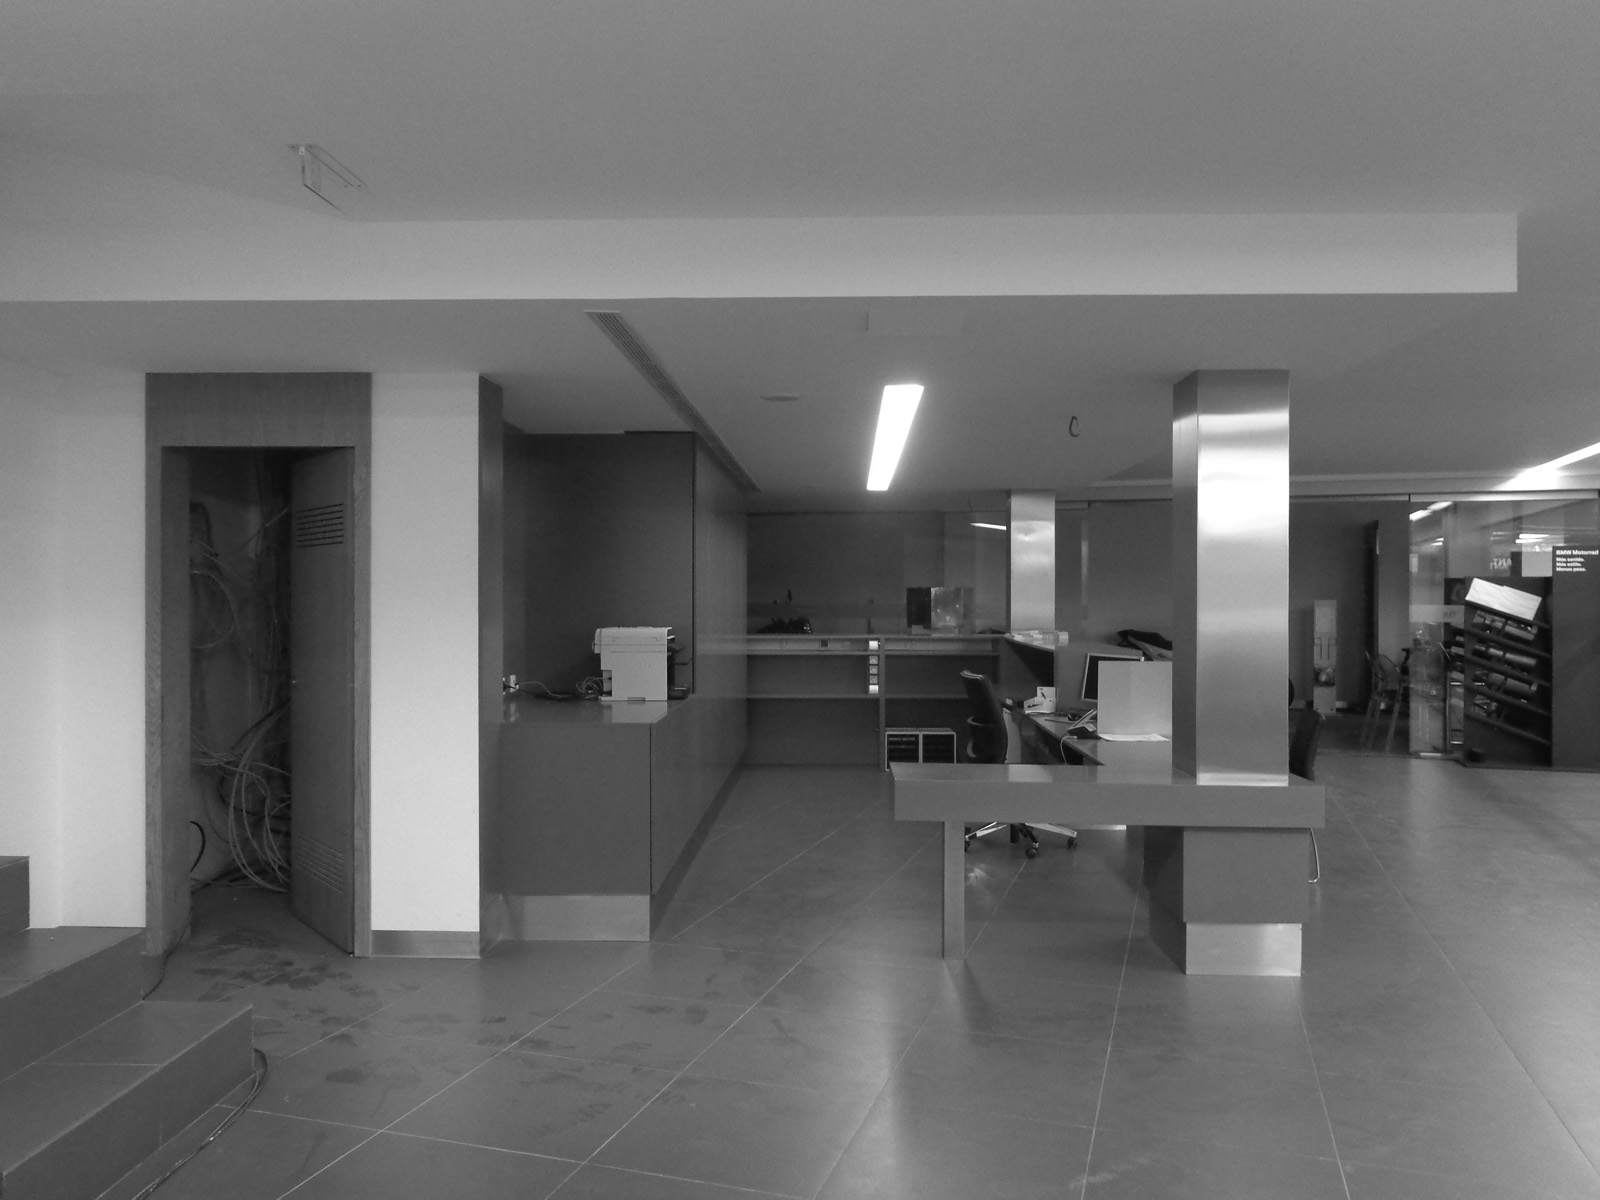 Grupo Antero Motos - Em Construção - Vila Nova de Gaia - EVA evolutionary architecture - Arquitectos Porto (60).jpg